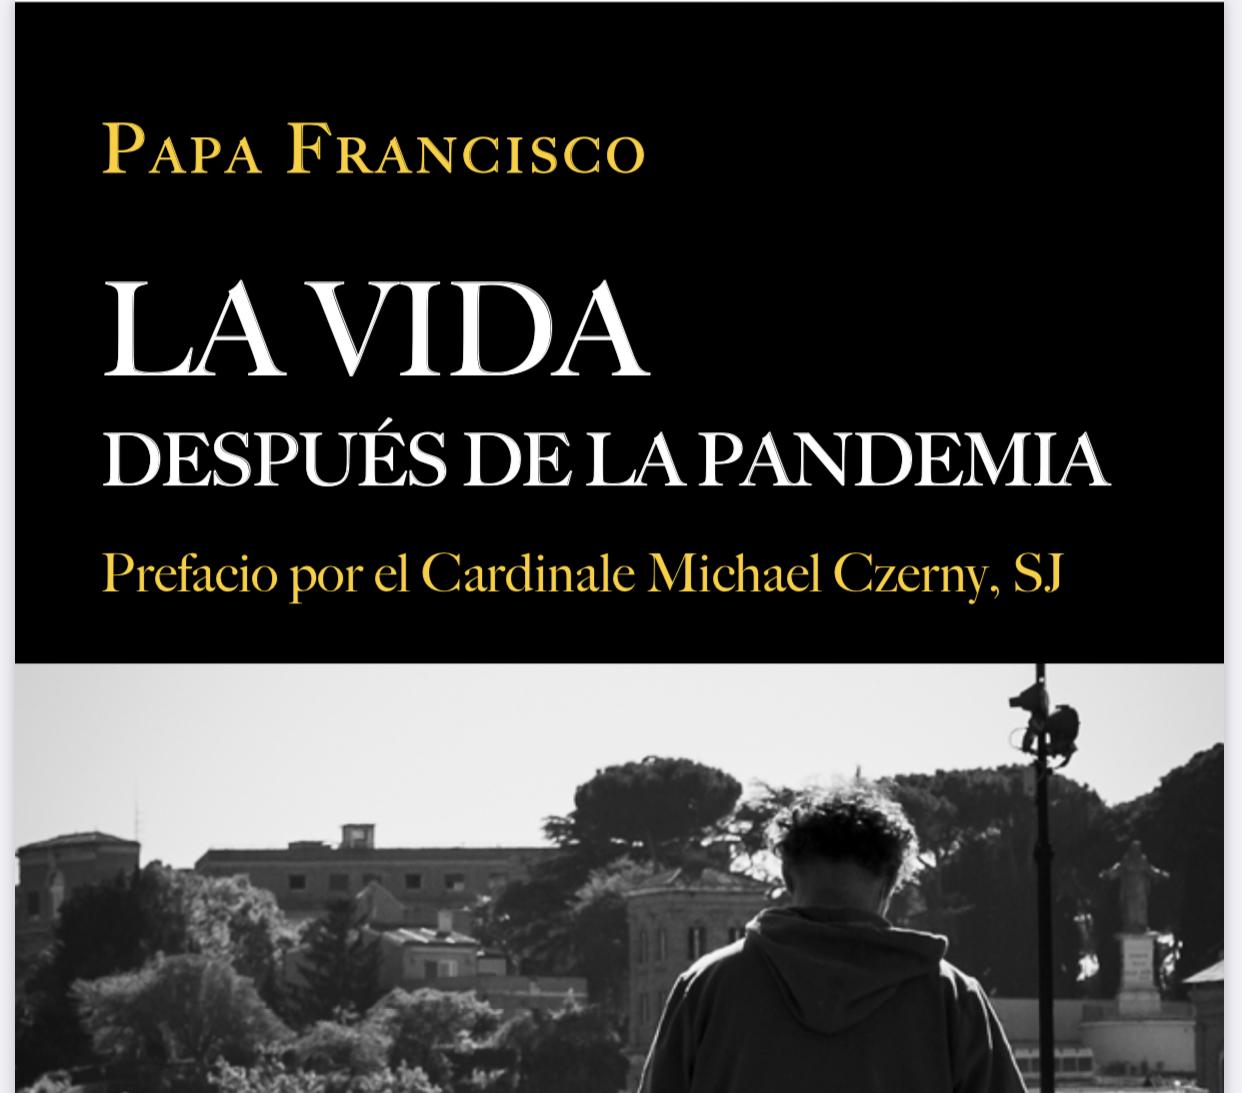 Después de la pandemia. El libro del Papa Francisco